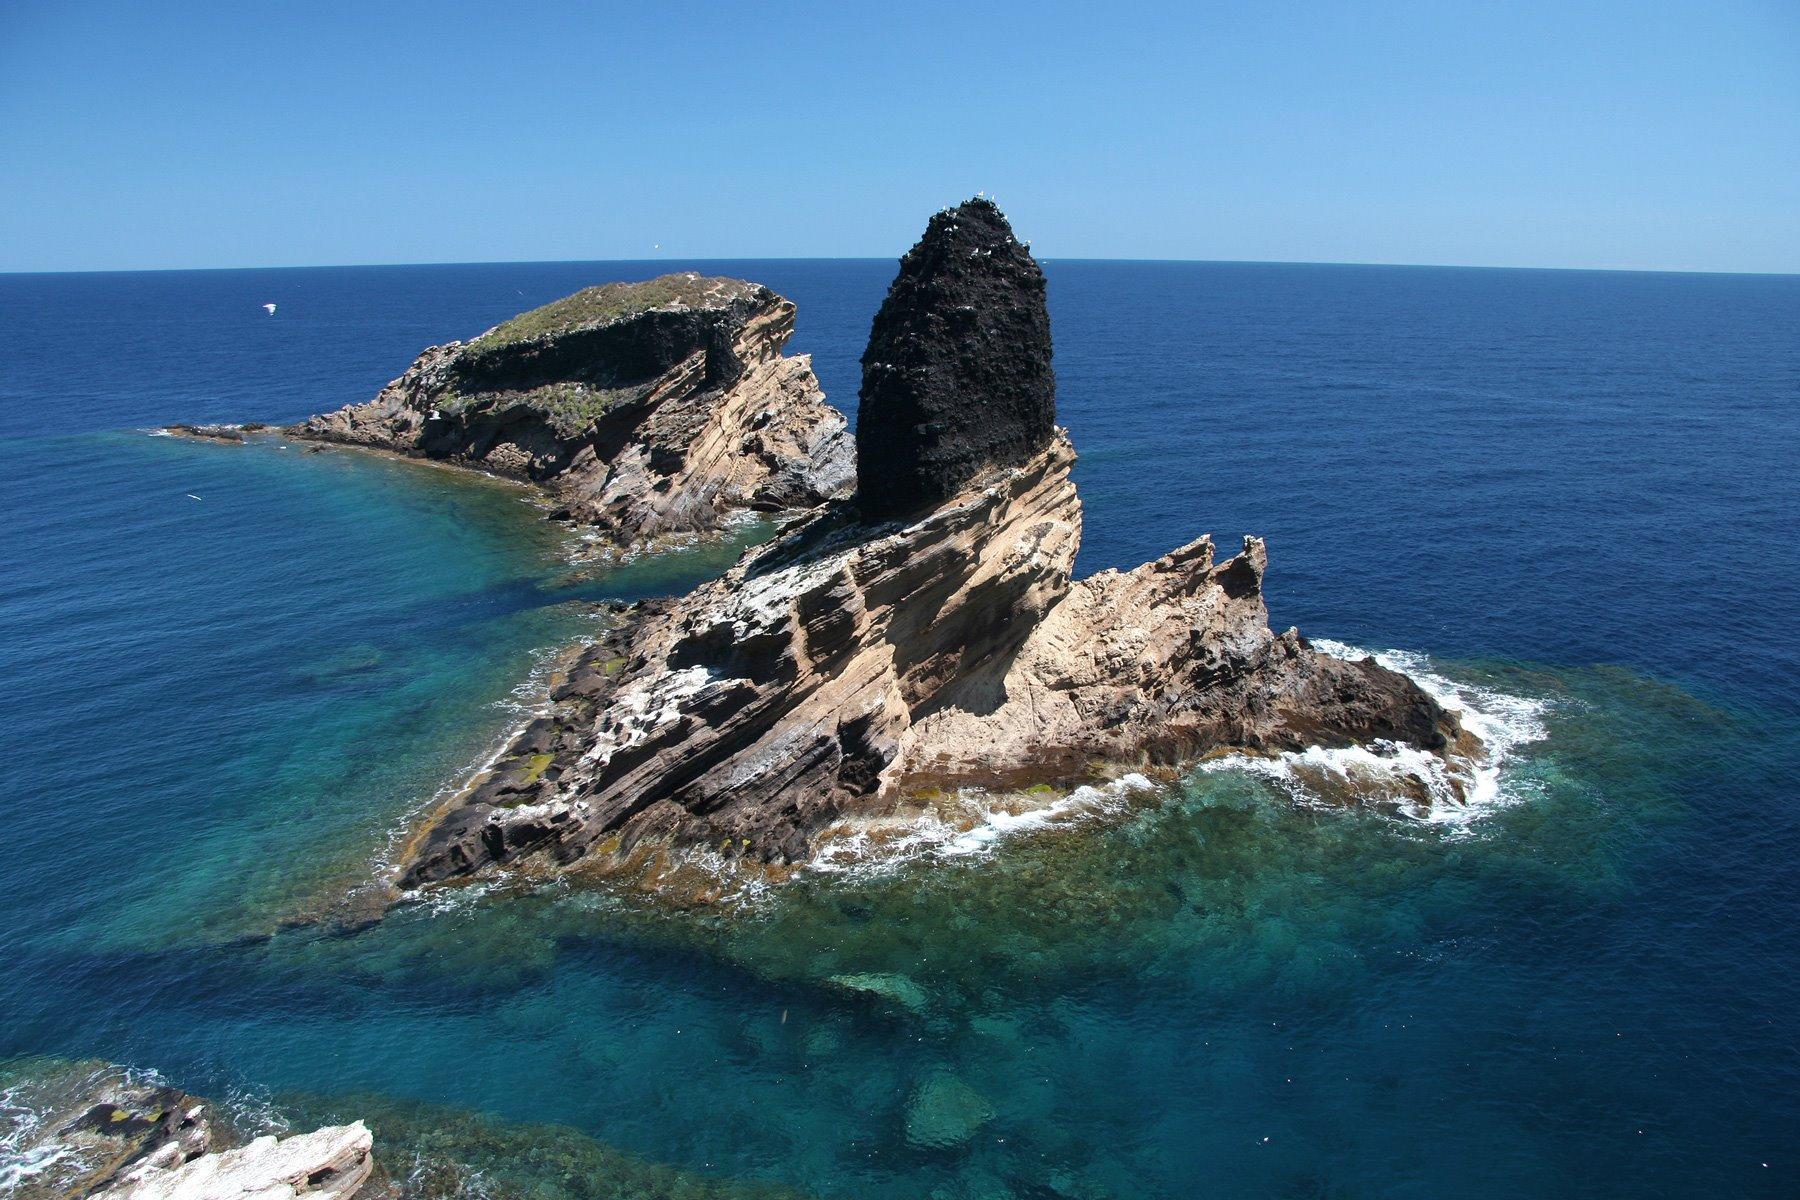 Mascarat GregorioRos. Islas Columbretes (Castellón)